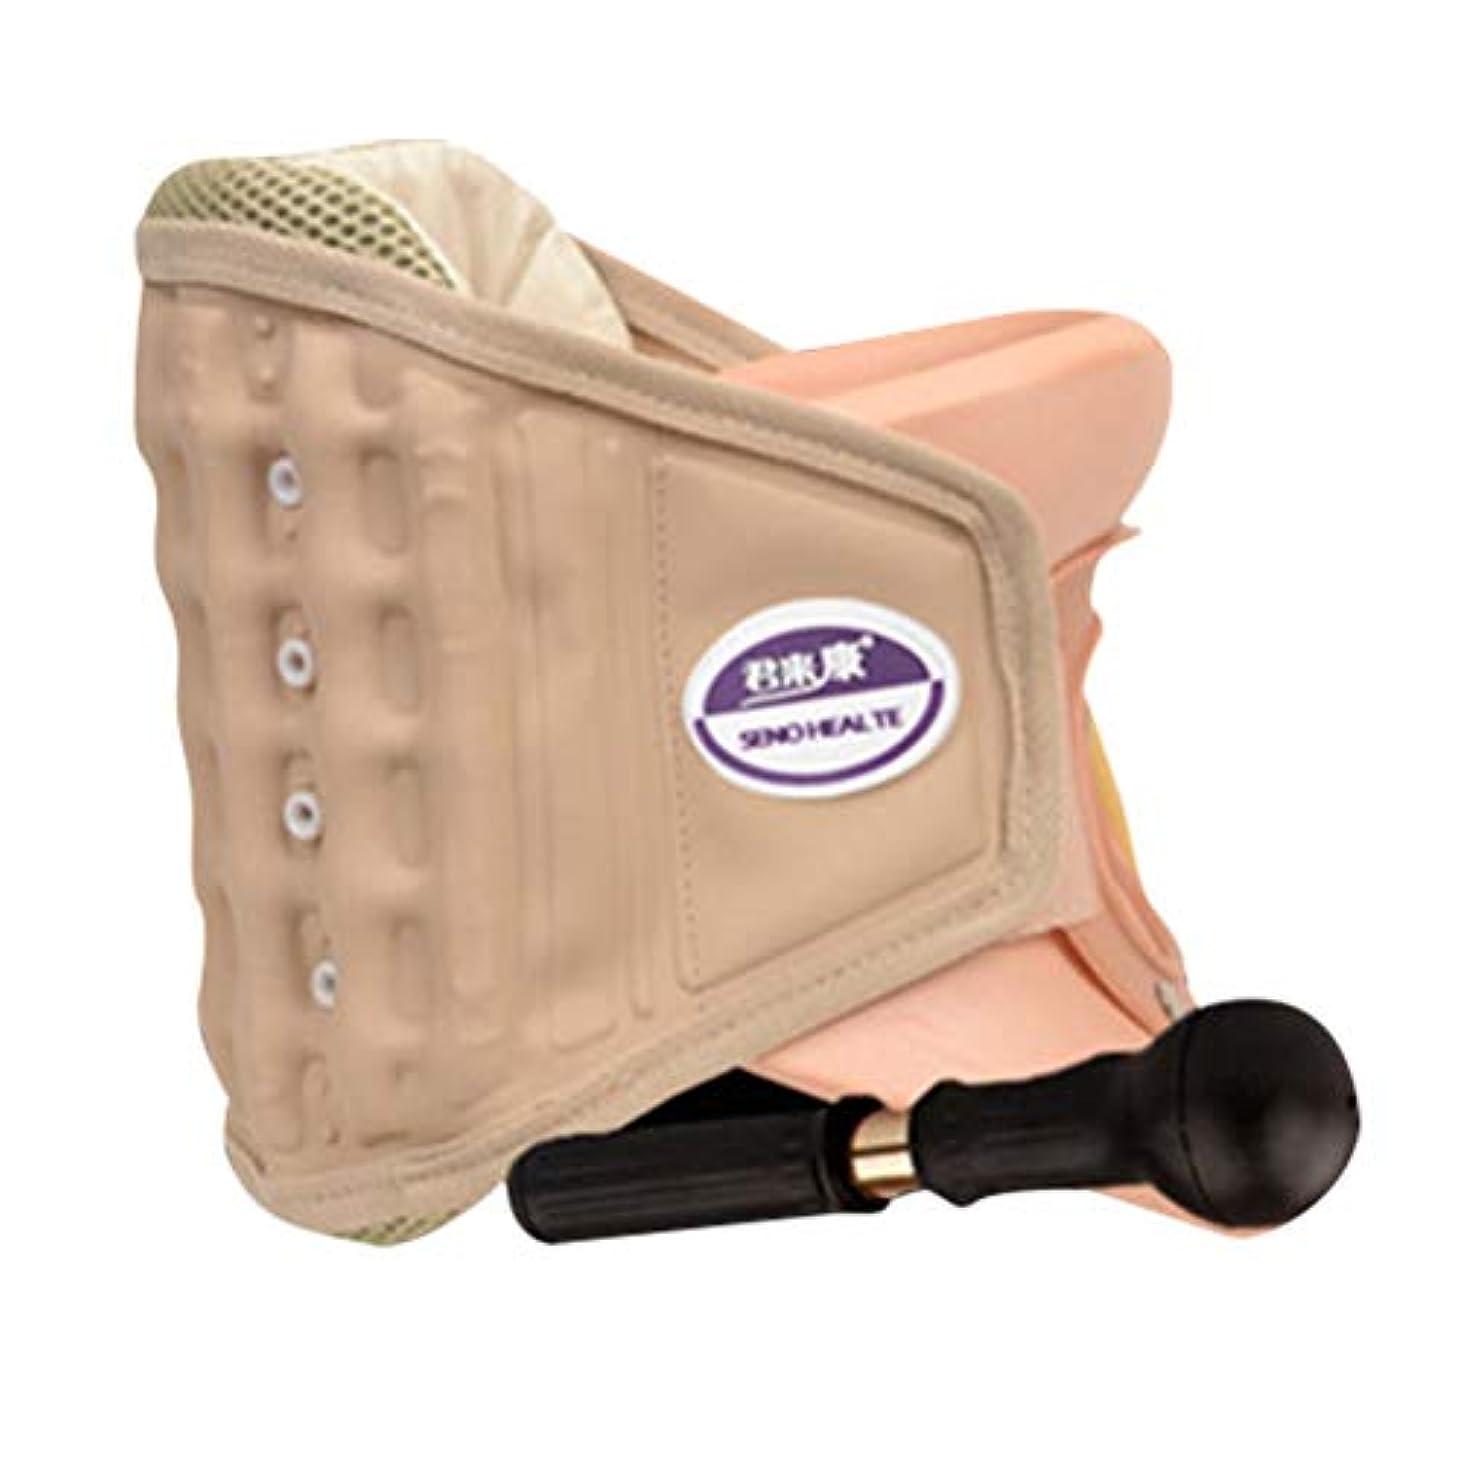 器具攻撃安全性SUPVOX 頸部首牽引襟デバイス装具椎骨サポートベルト付きポンプポータブルネックマッサージャー